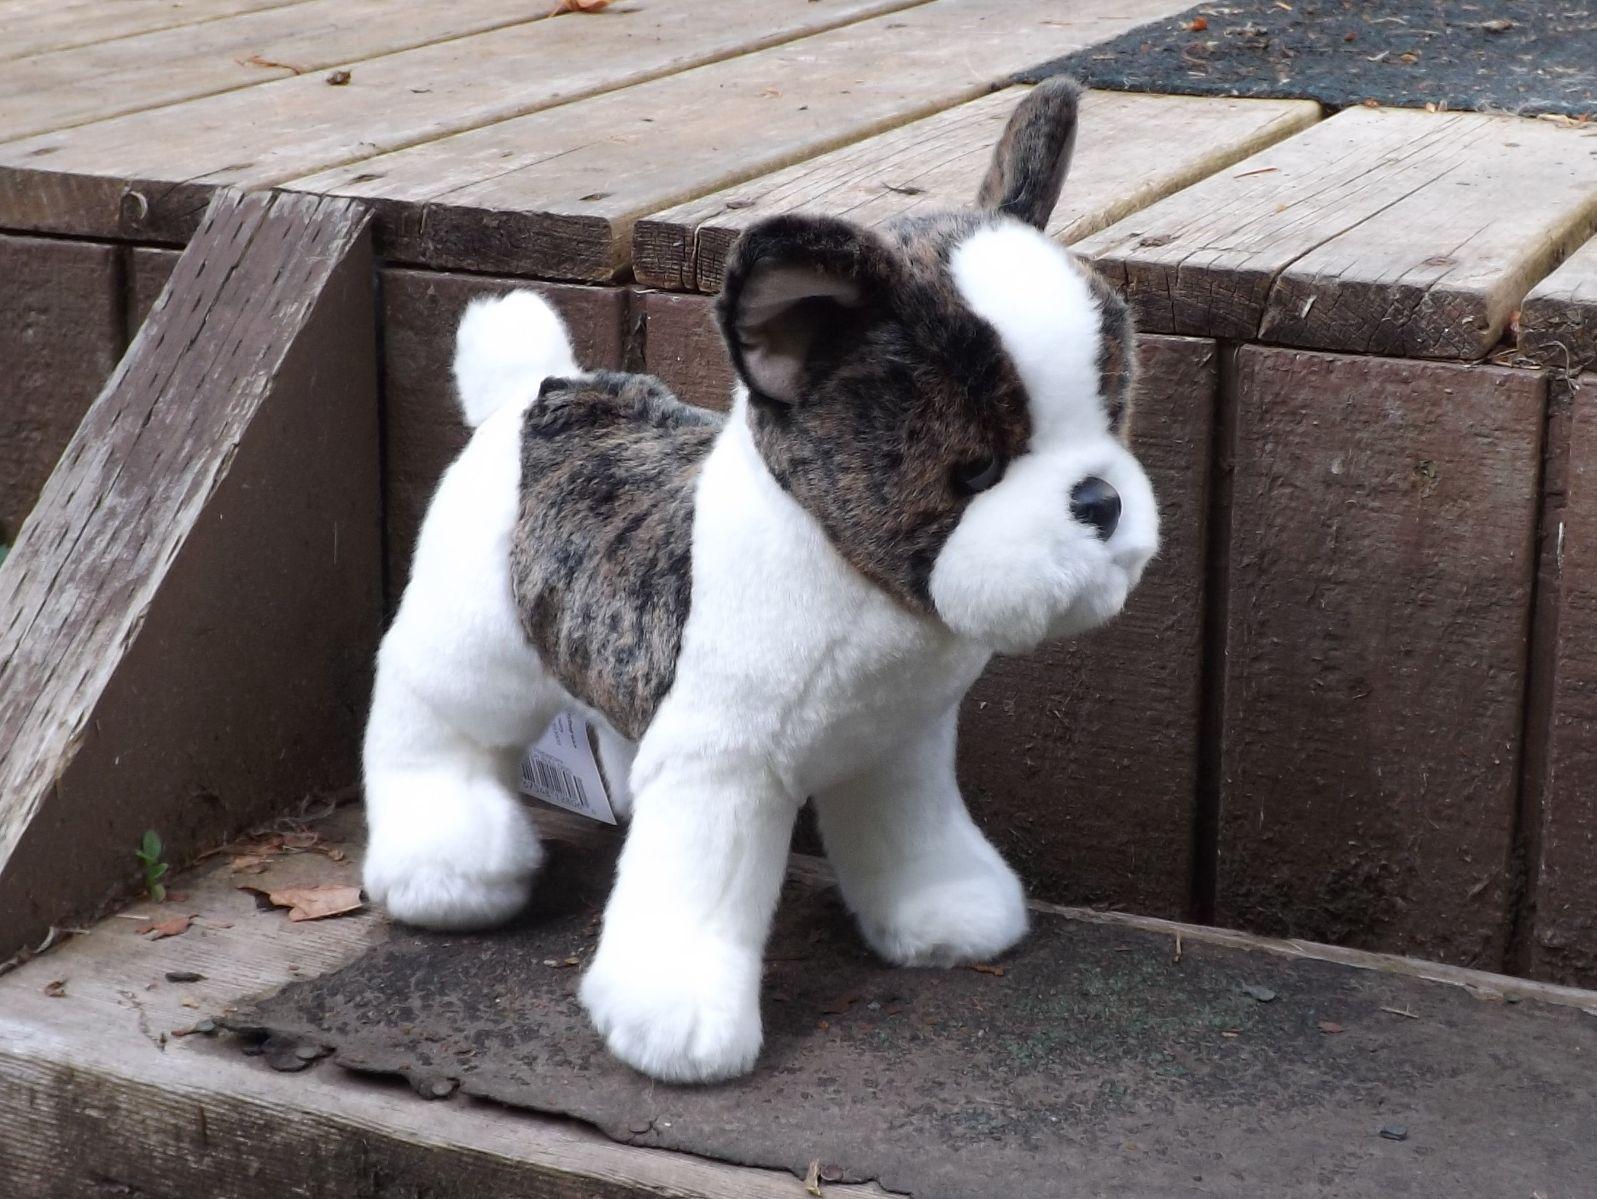 Toy Bulldog Dog: Toy Stuffed French Bulldog D Breed